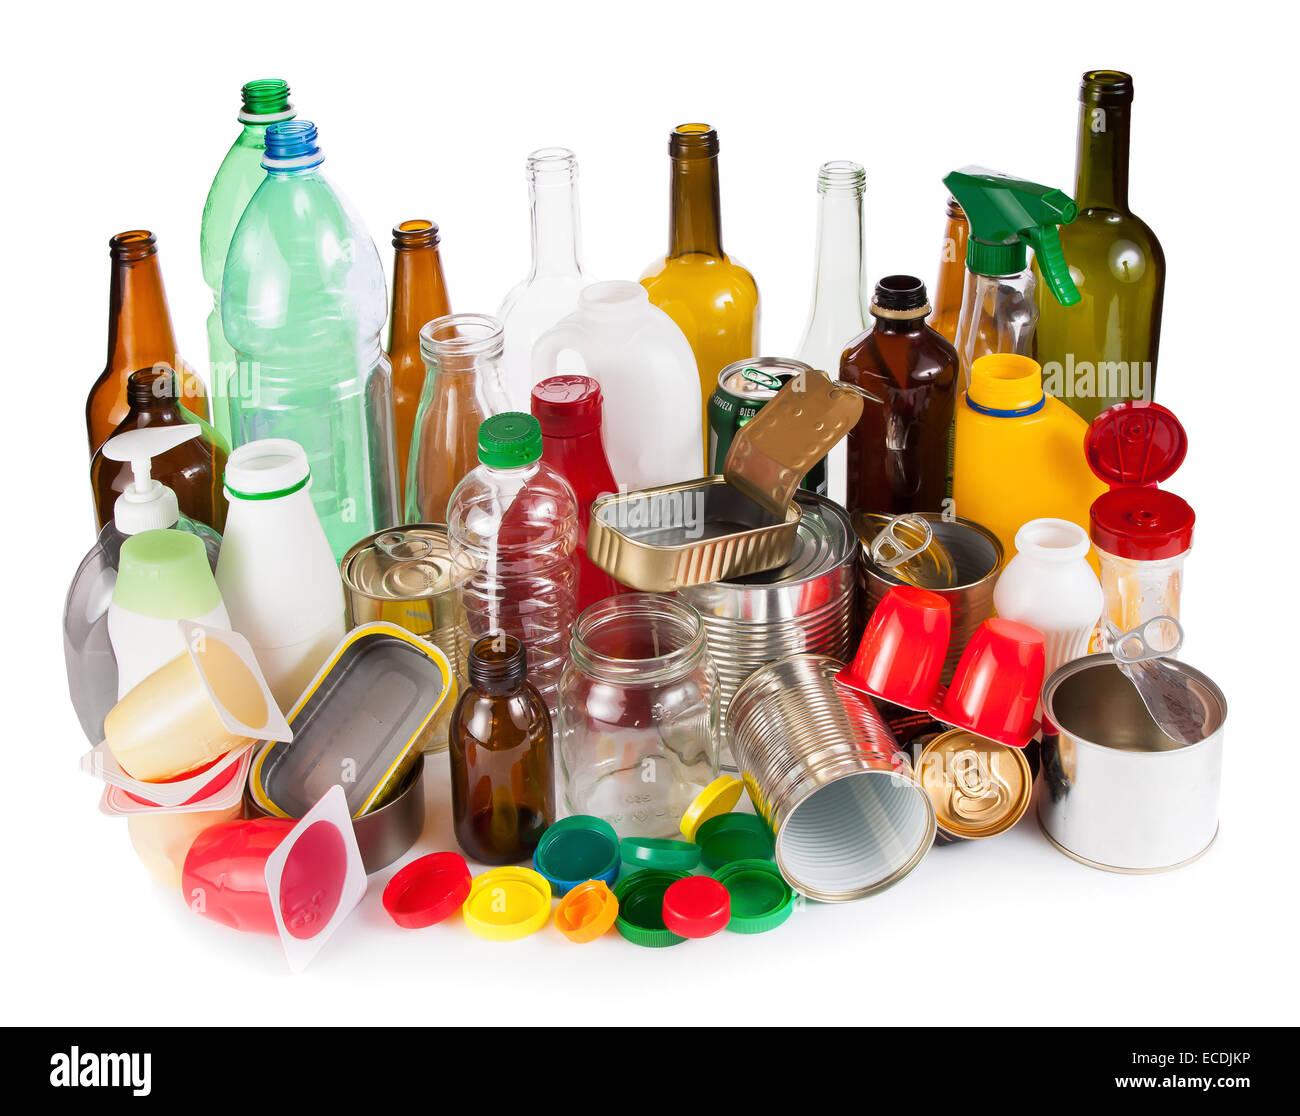 Rifiuti riutilizzabili. Segregati in metallo, plastica e vetro Immagini Stock